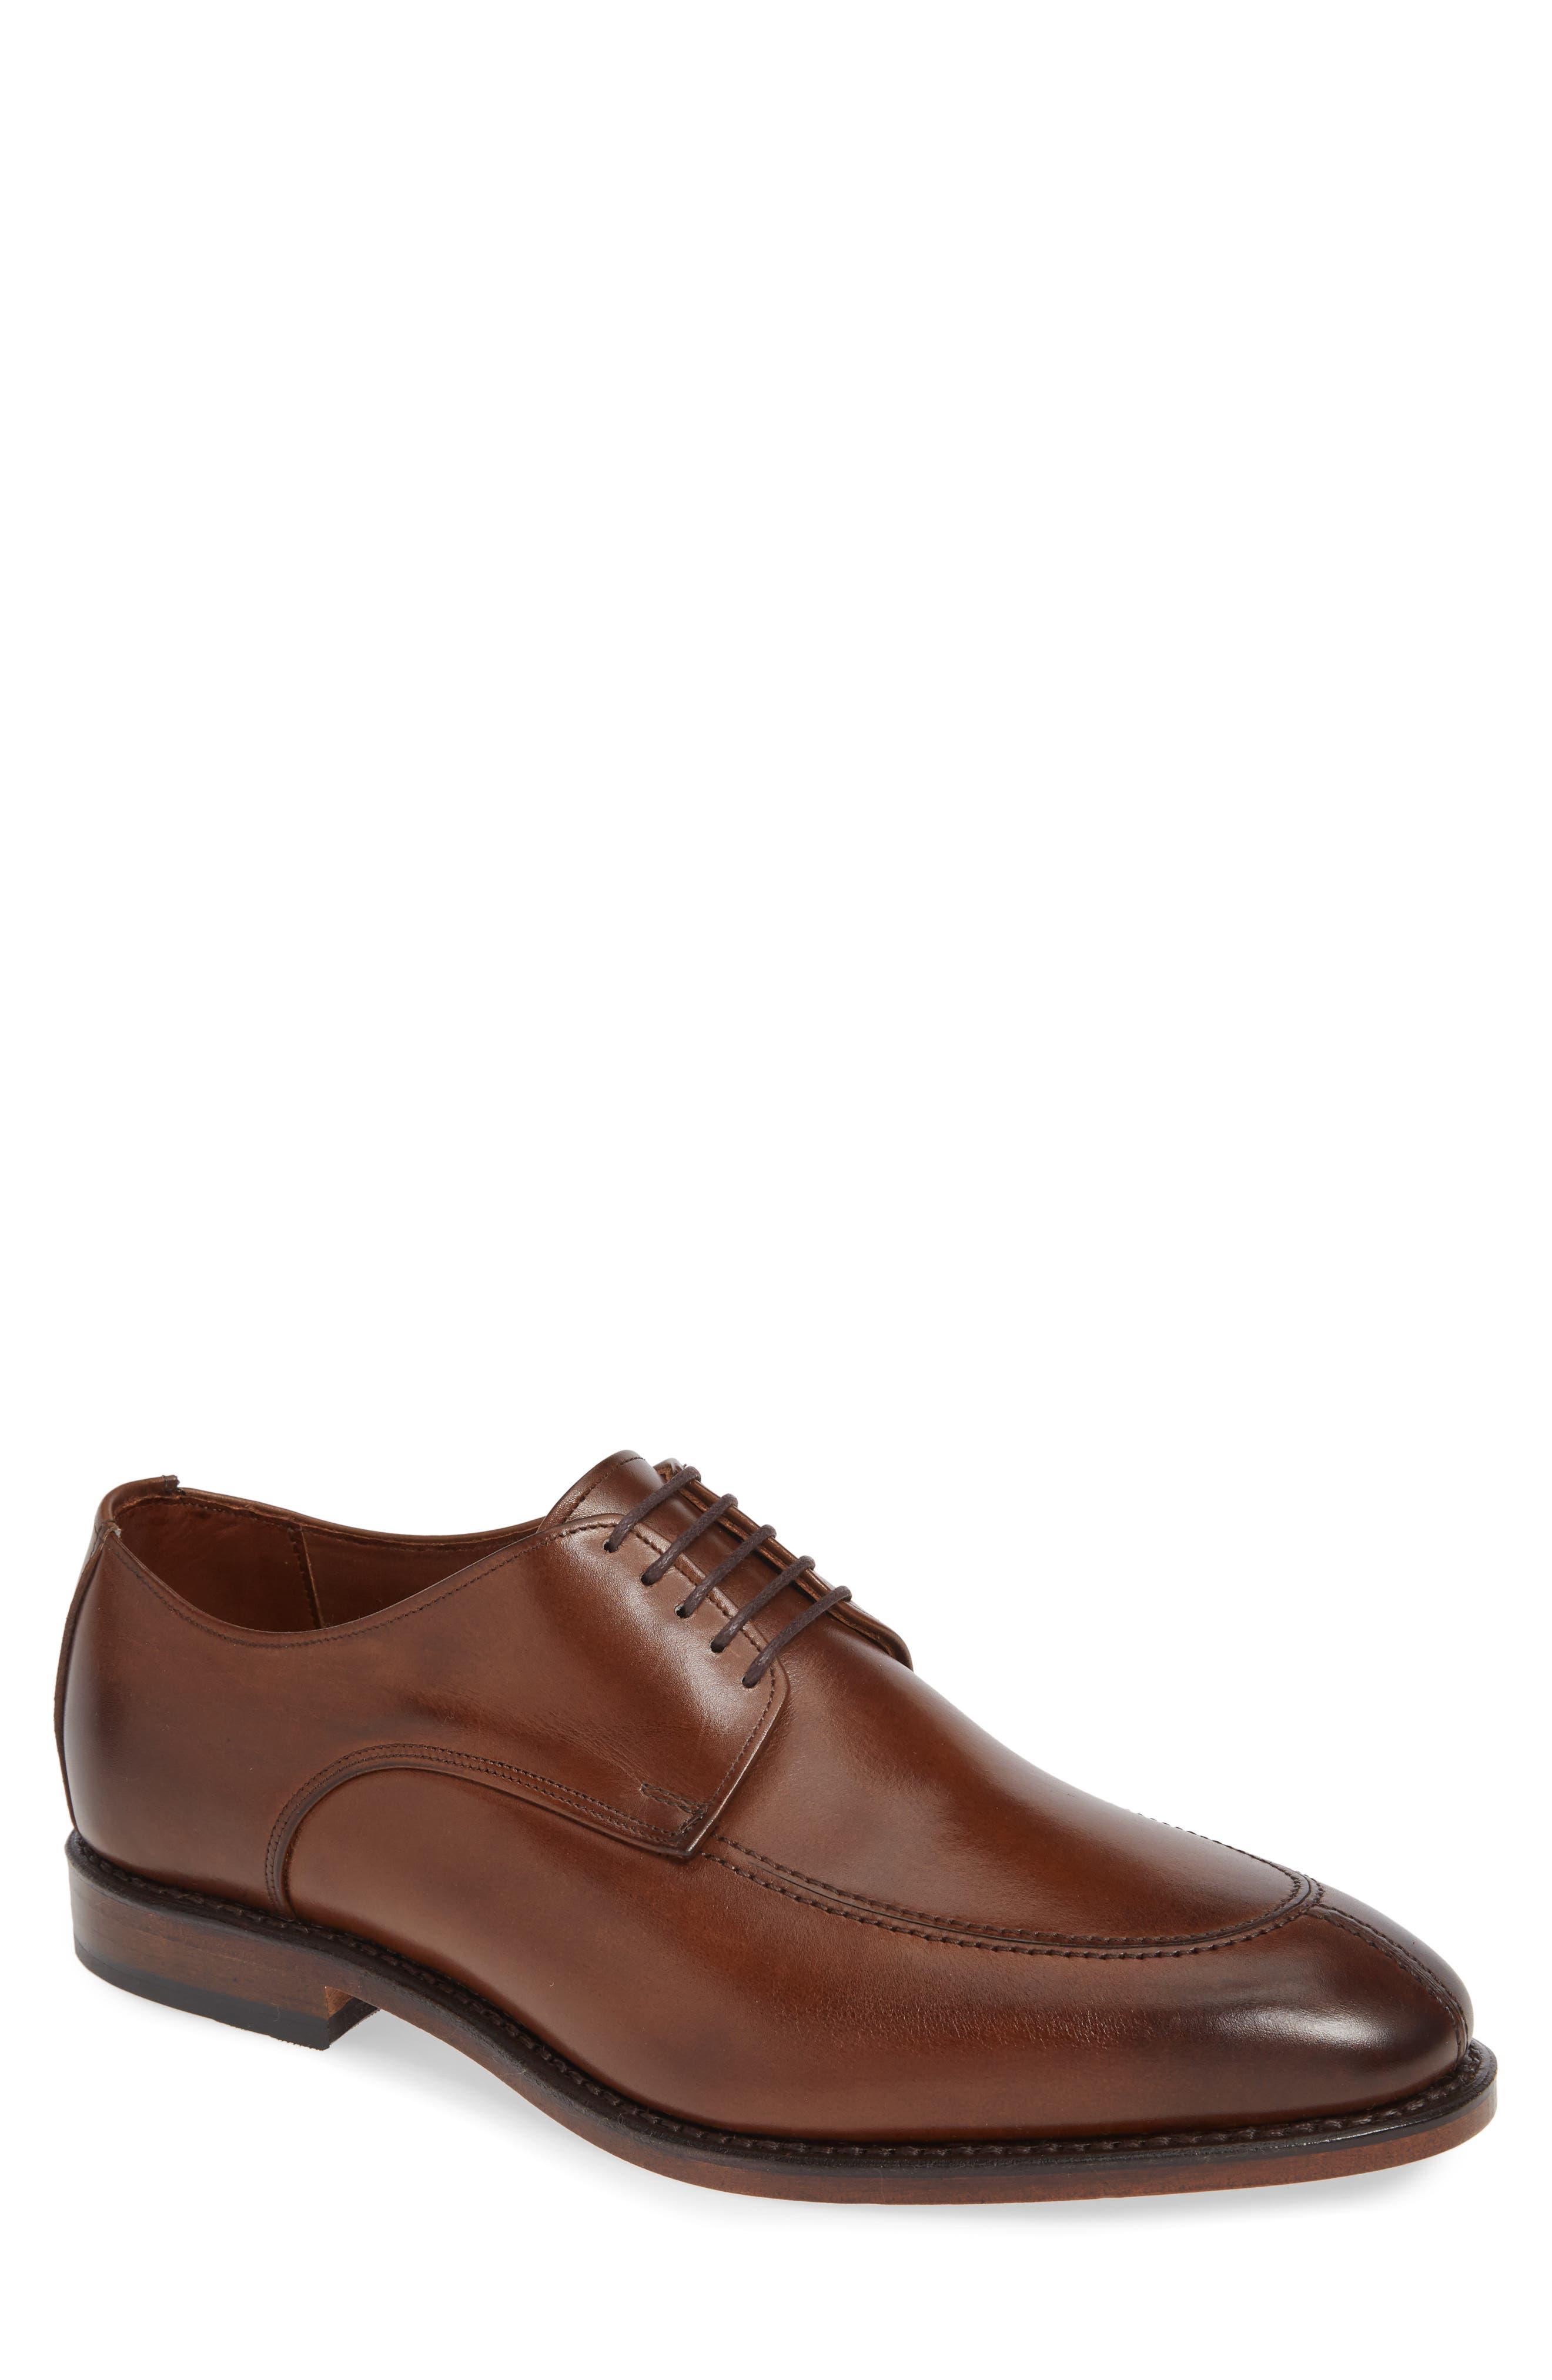 Allen Edmonds Shoes Sale \u0026 Clearance